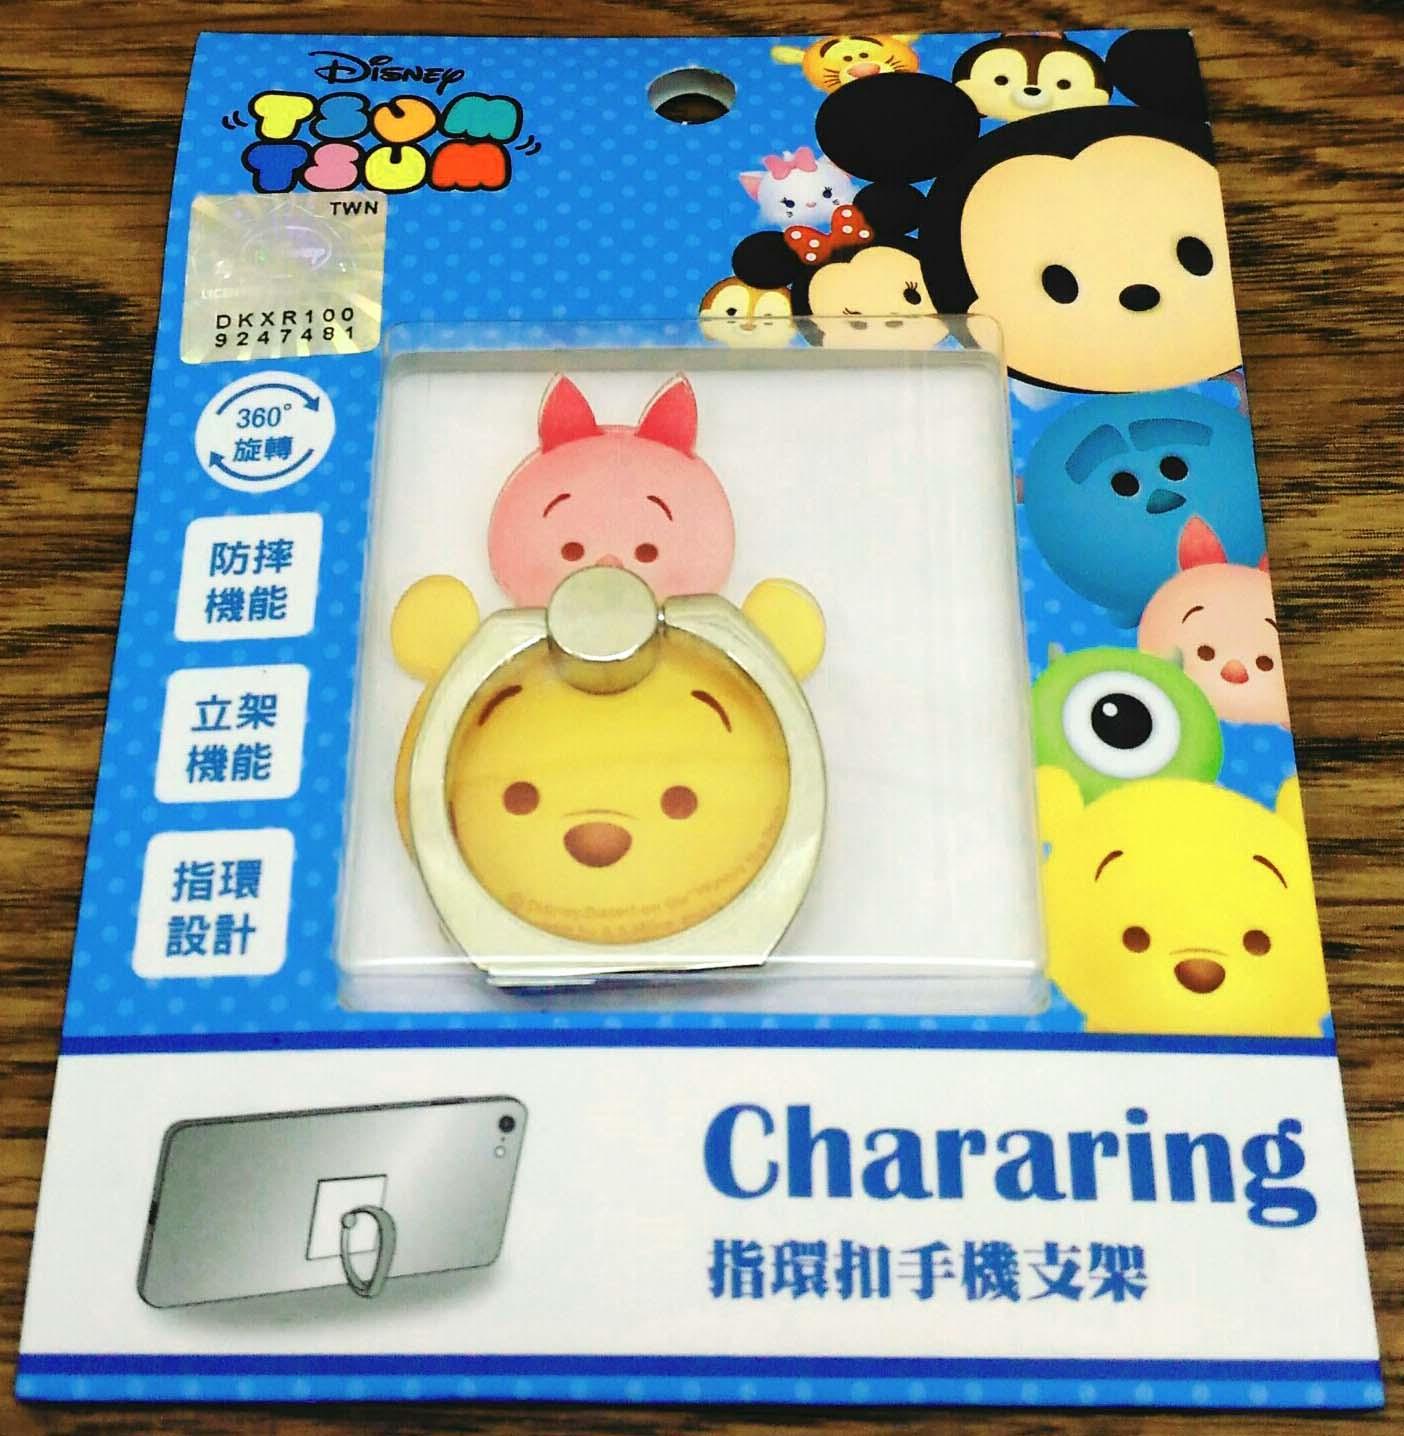 【真愛日本】17121000053 造型壓克力指環-TSUMPH小豬 小熊維尼 小豬 手機指環 扣支架 指環扣